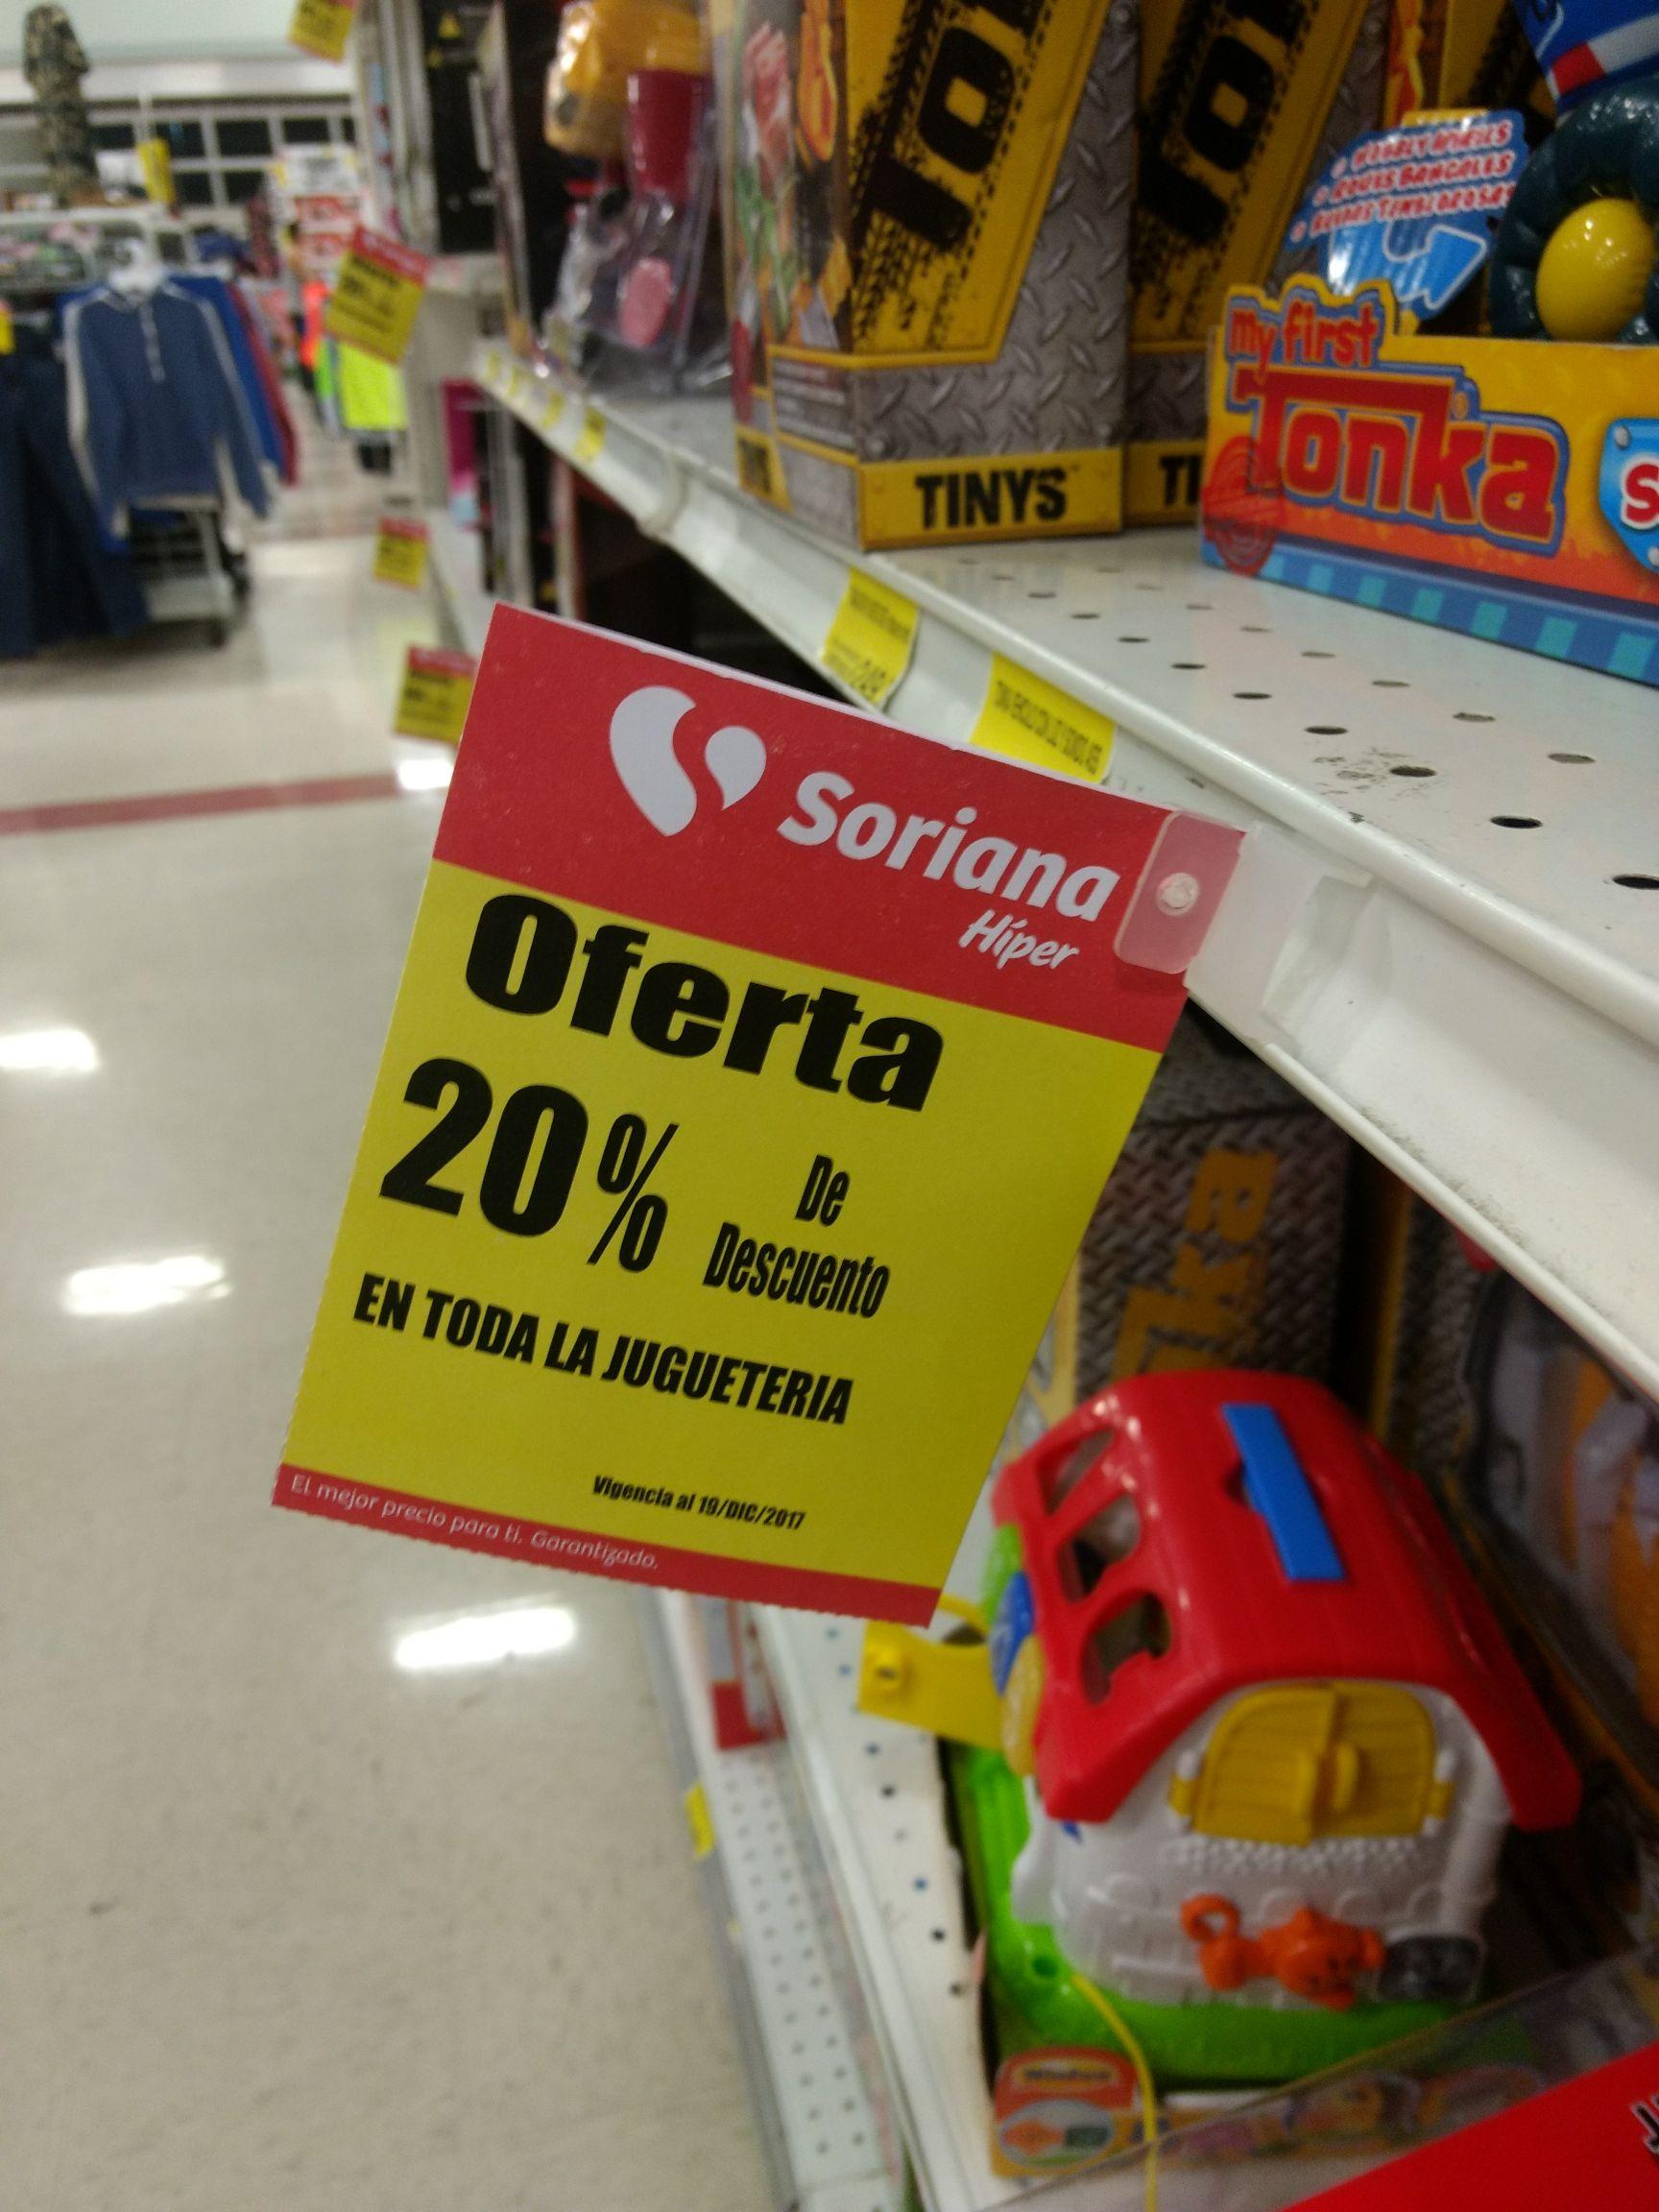 Soriana: 20% descuento en juguetería en Soriana